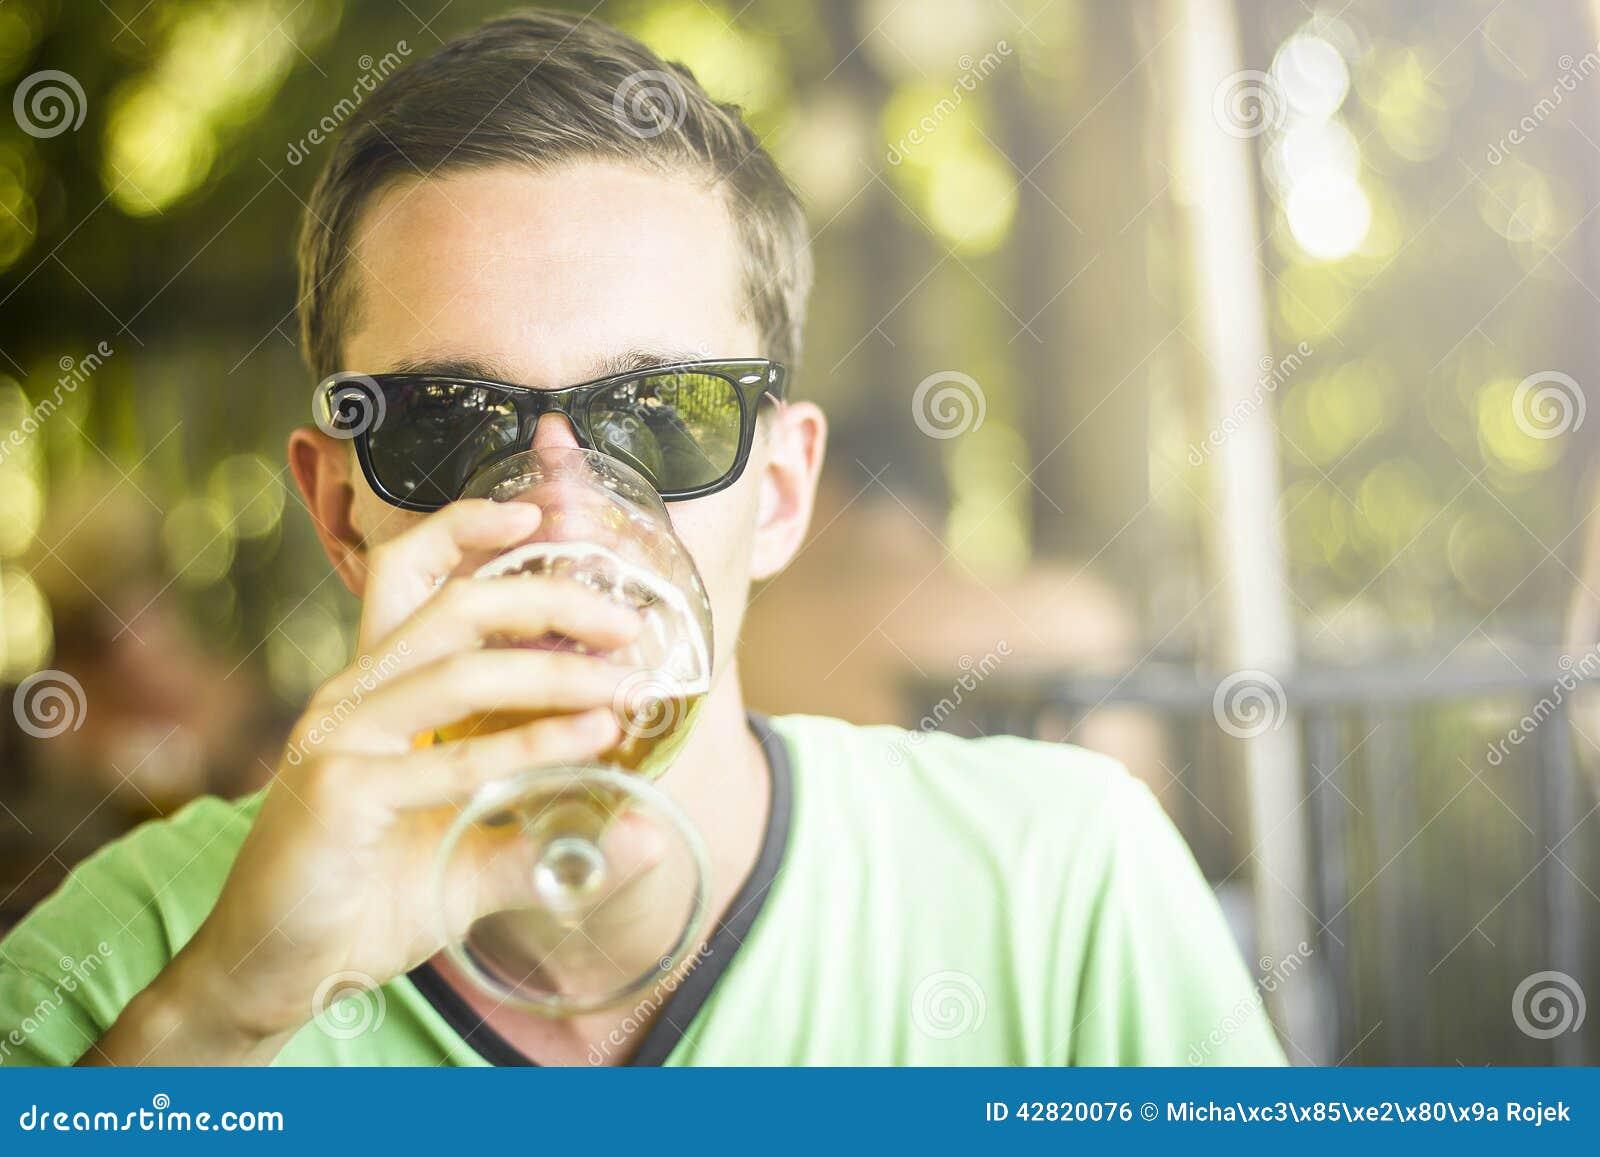 Men drinking beer.